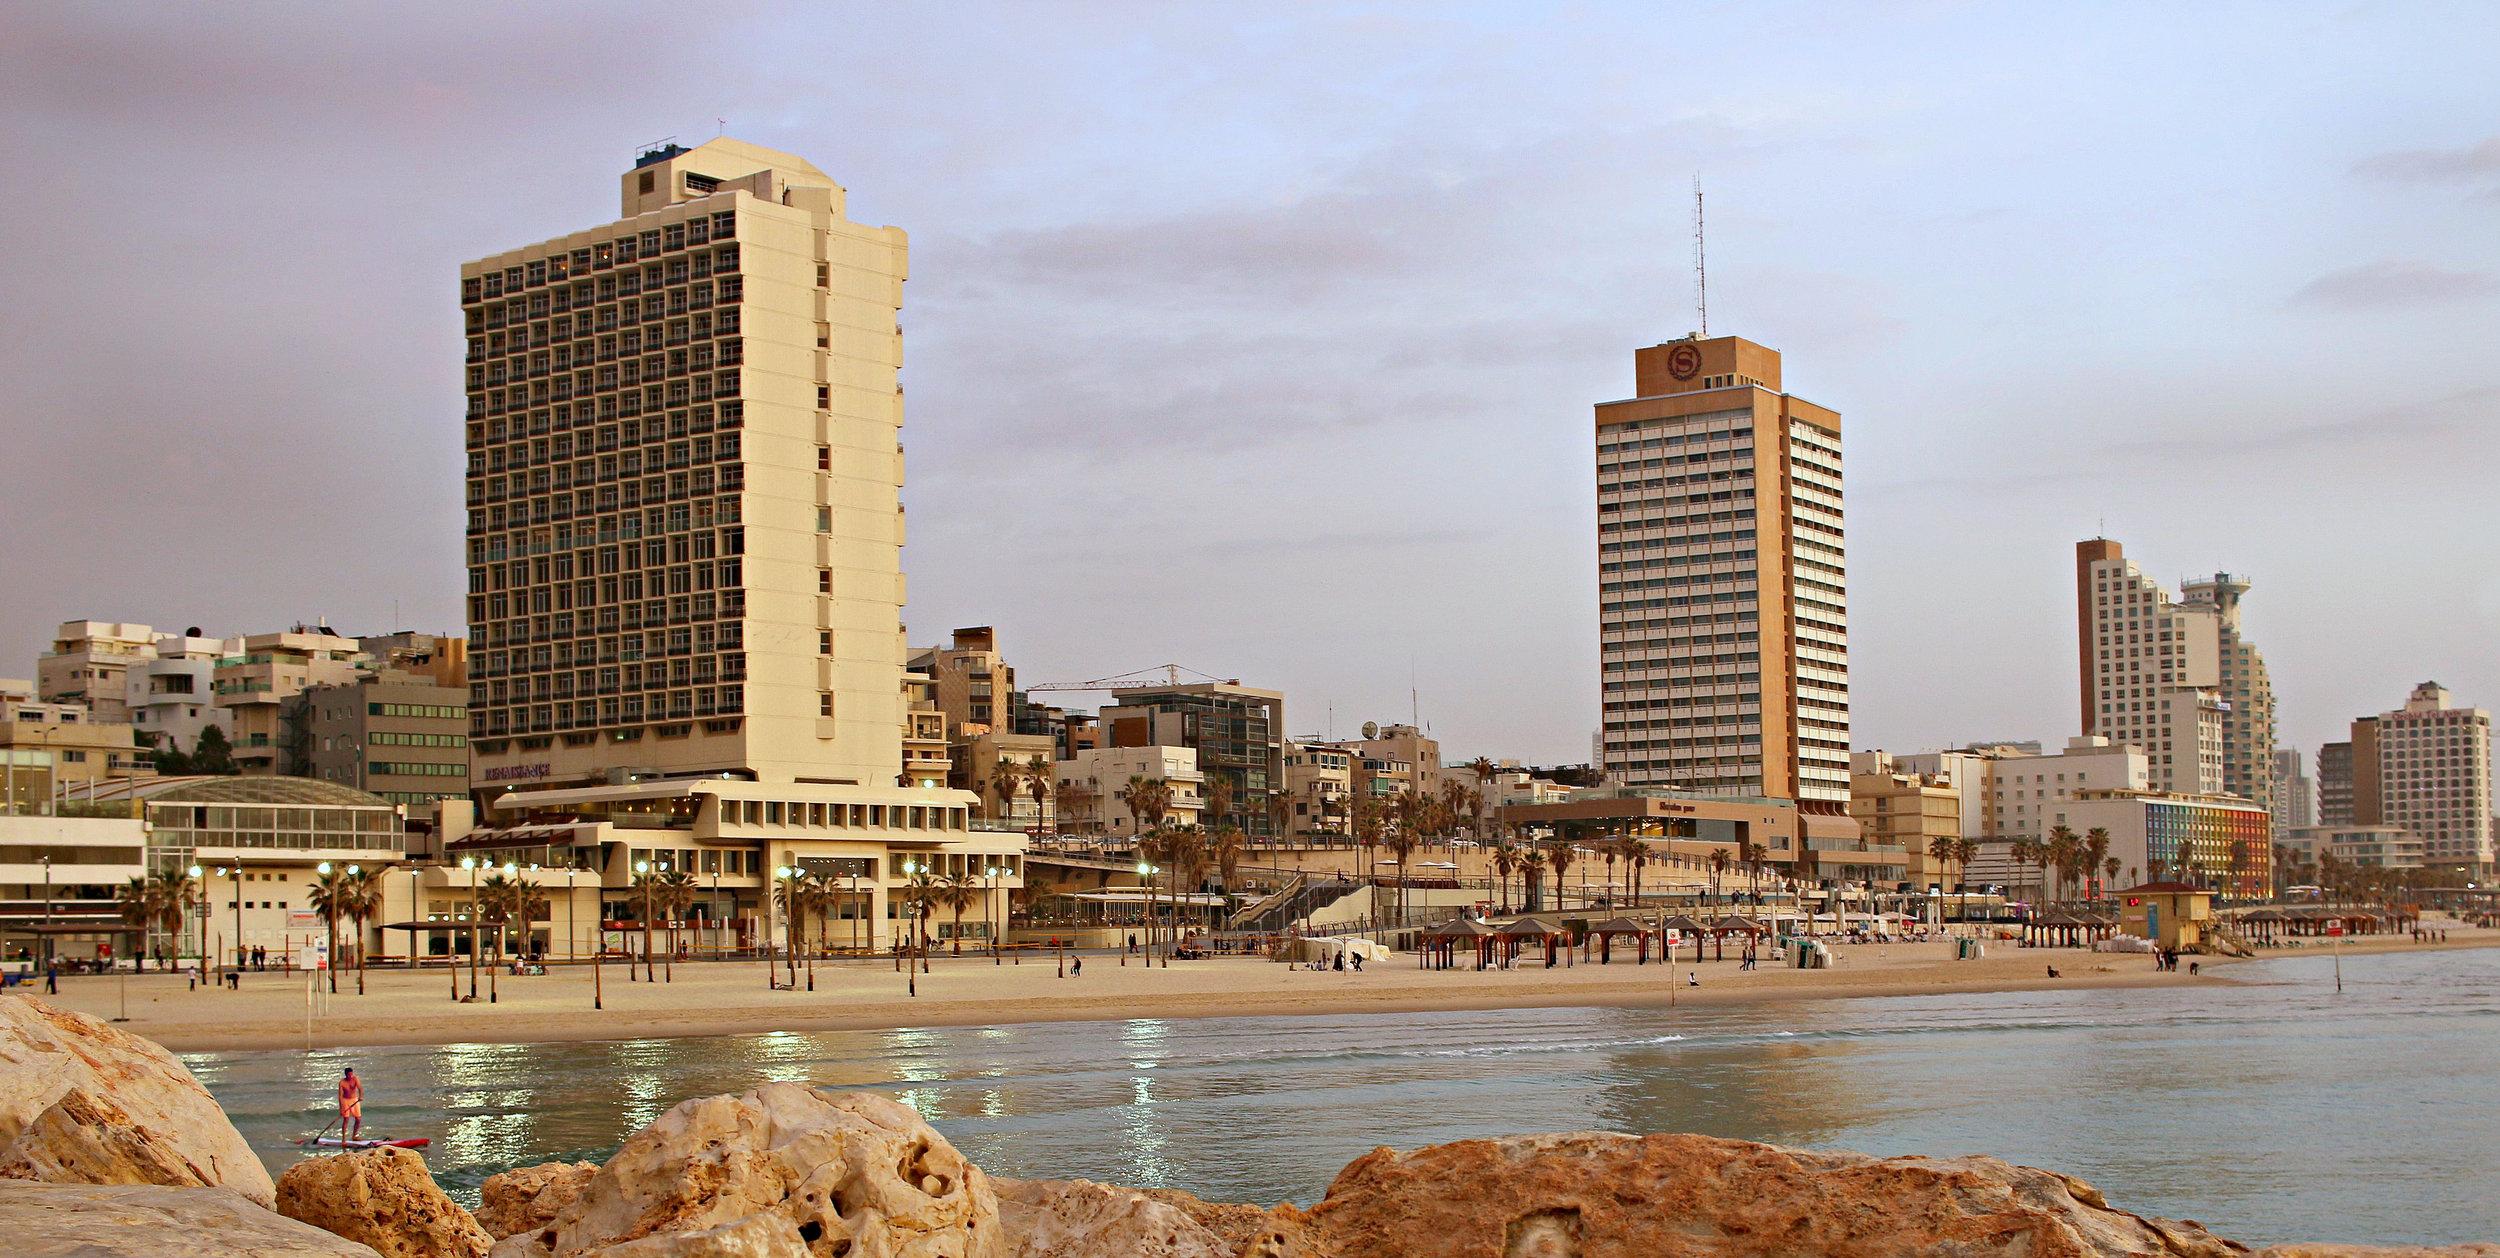 Tel Aviv Beachfront from the Pier at Sunset